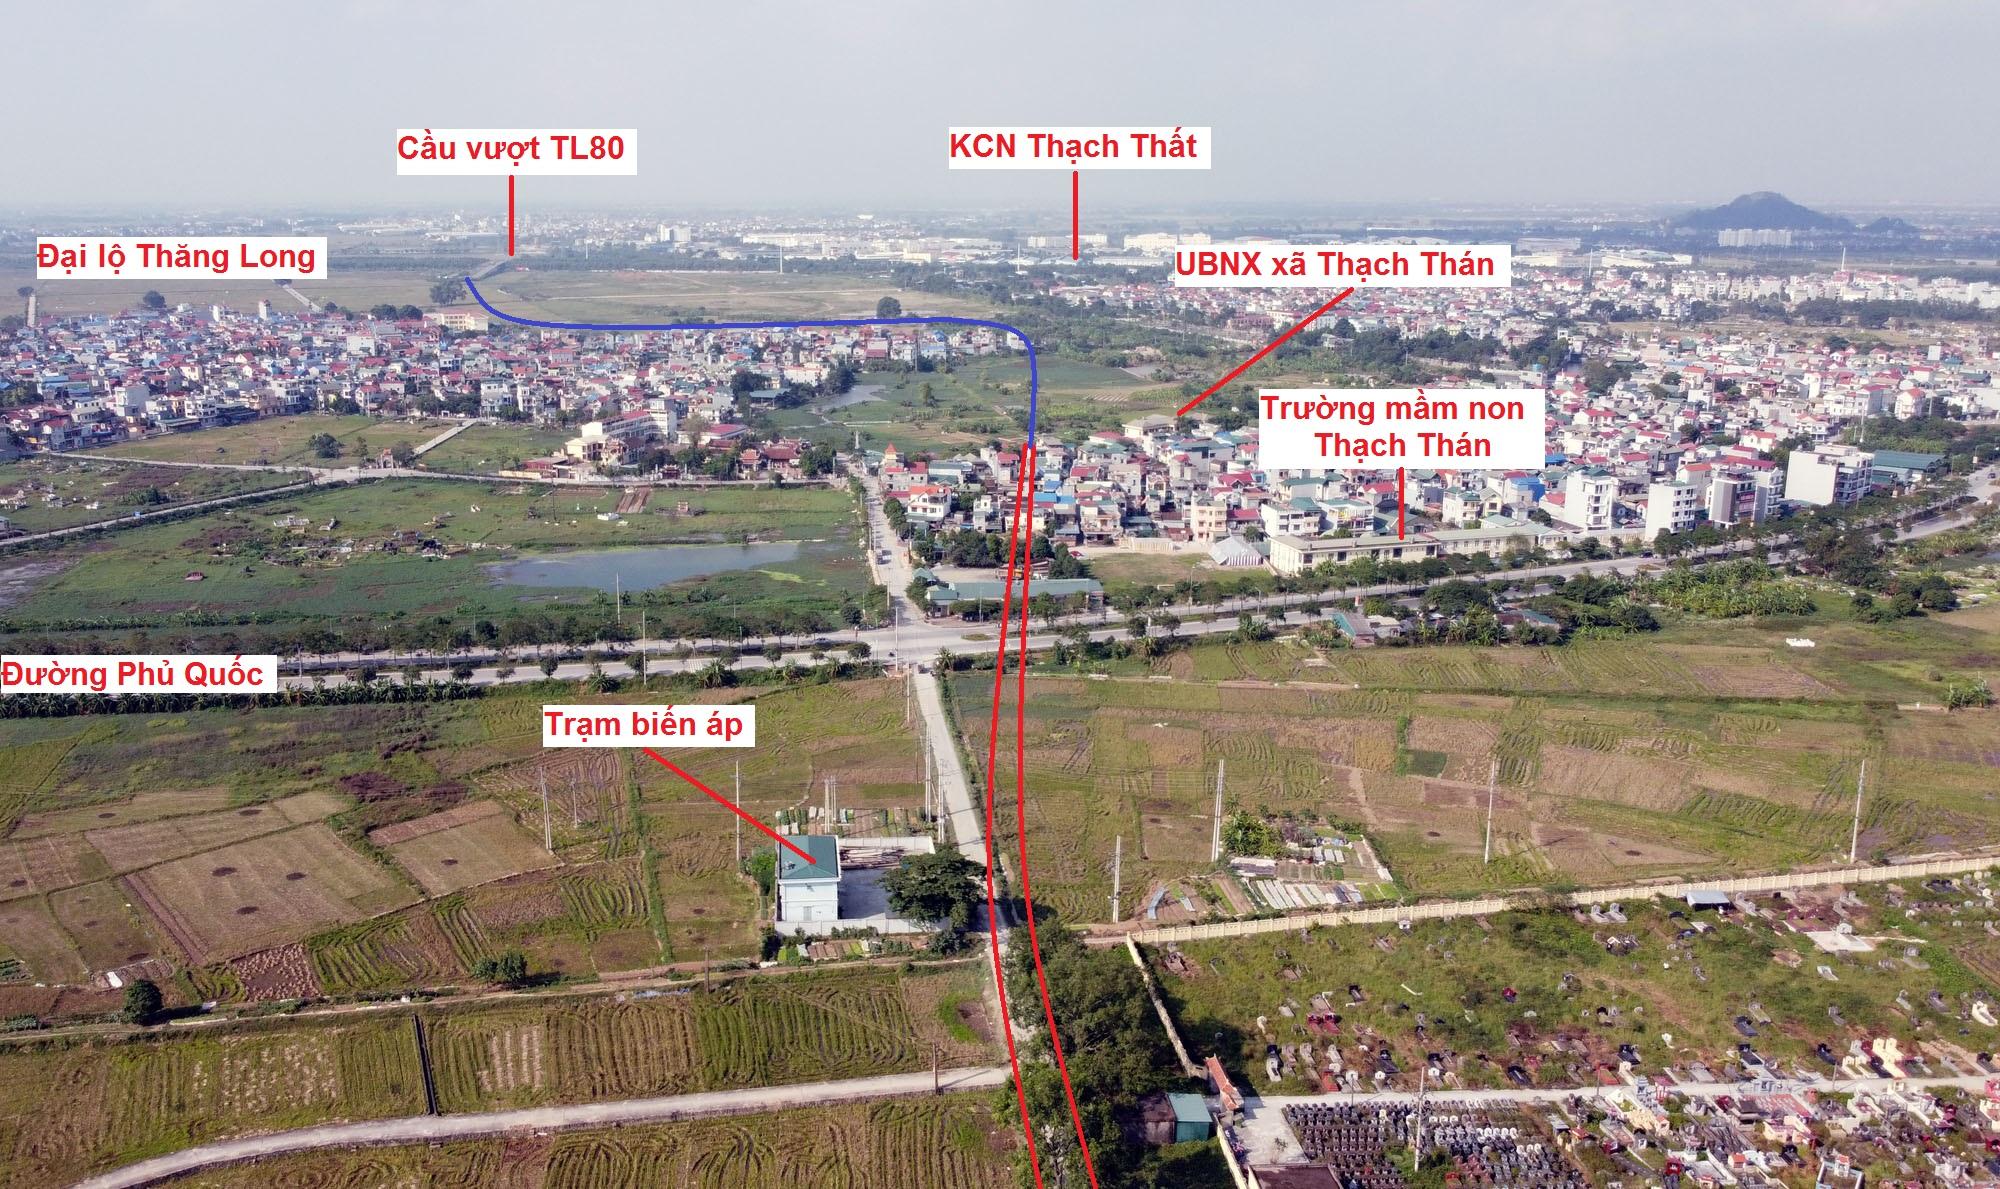 đường sẽ mở theo qui hoạch ở xã Thạch Thán, Quốc Oai, Hà Nội - Ảnh 3.